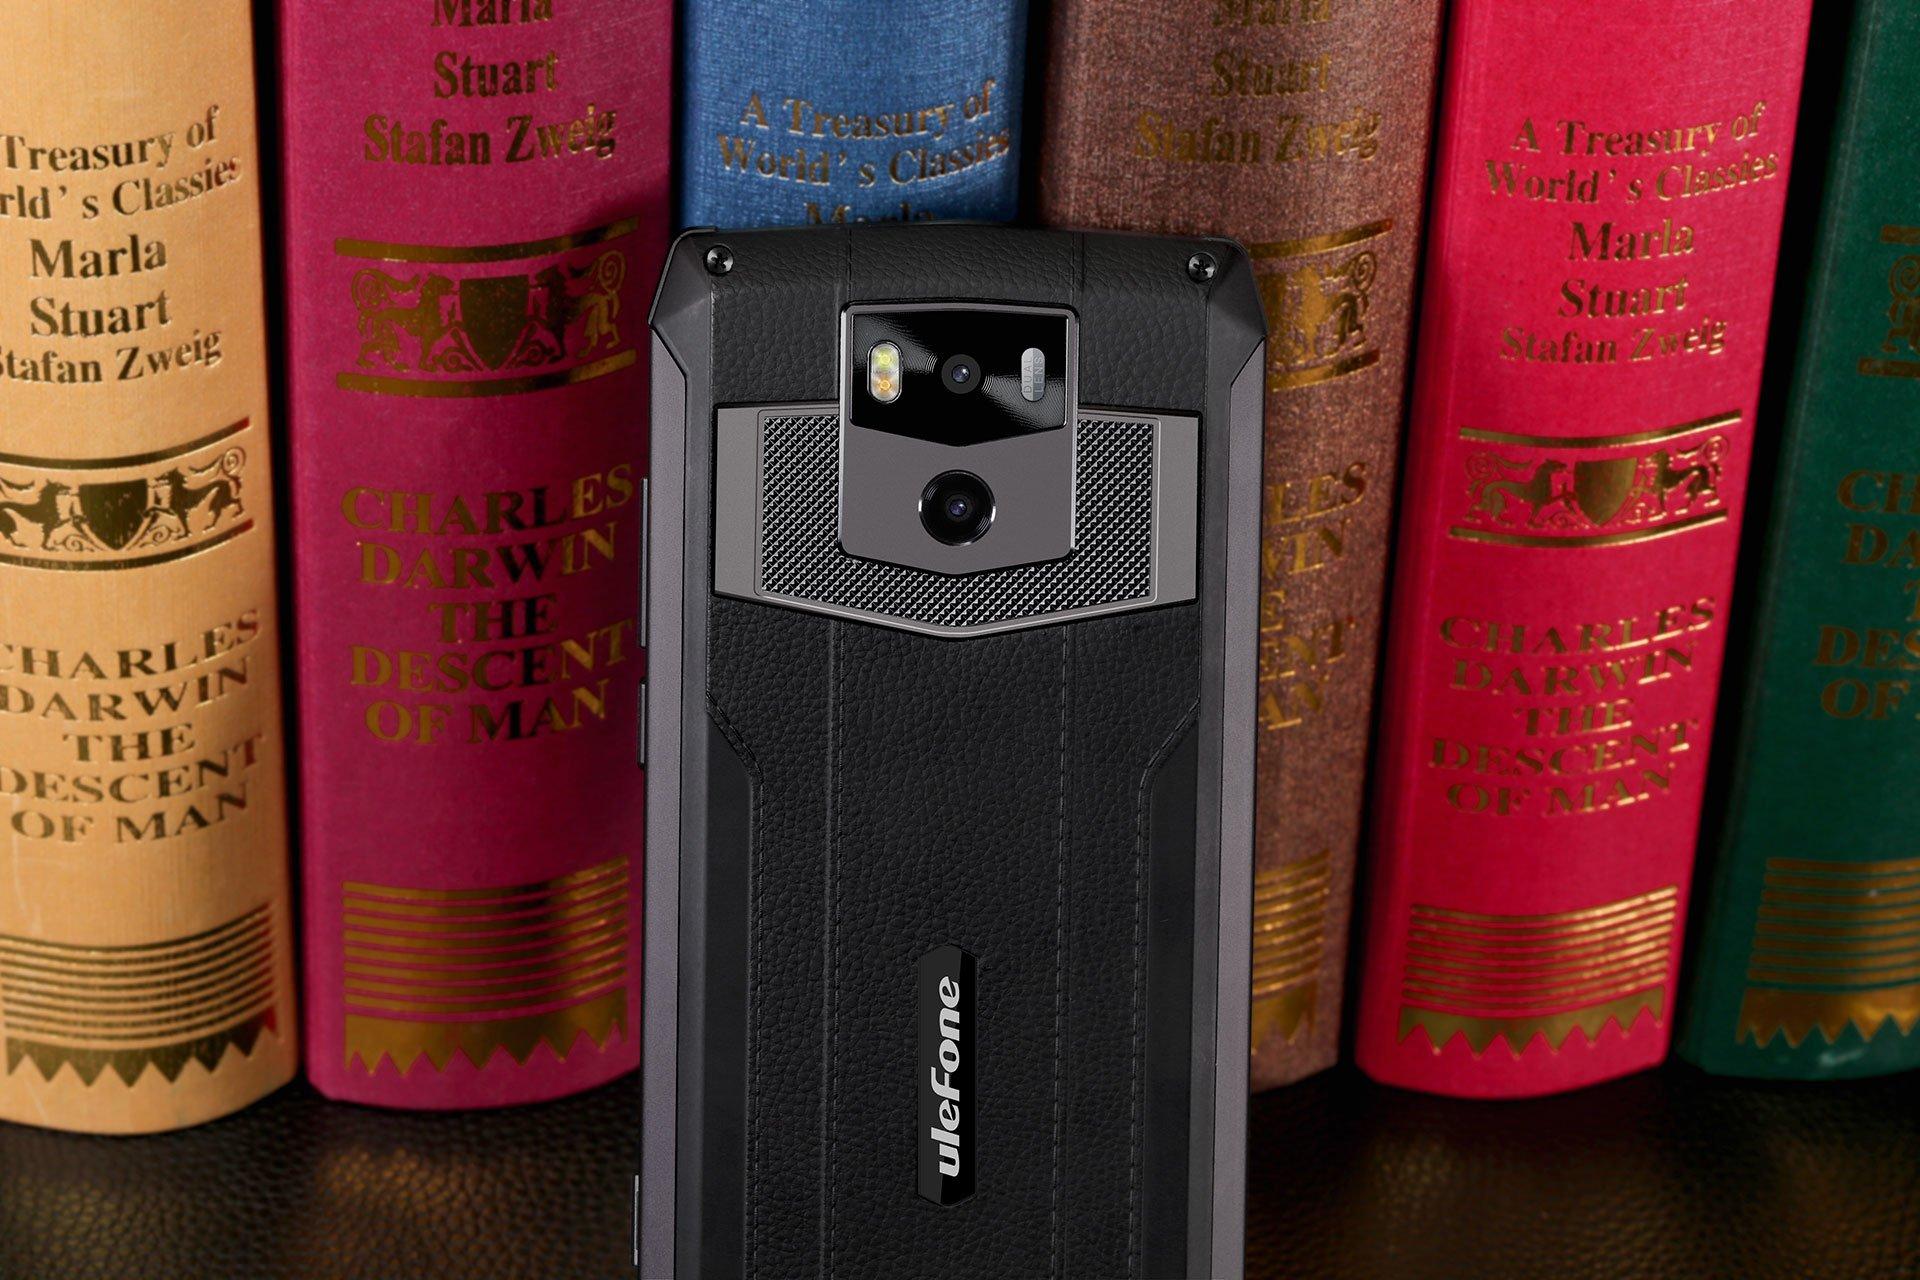 Taka okazja może się nie powtórzyć - Ulefone Power 5 tylko teraz tańszy o 70 dolarów 22